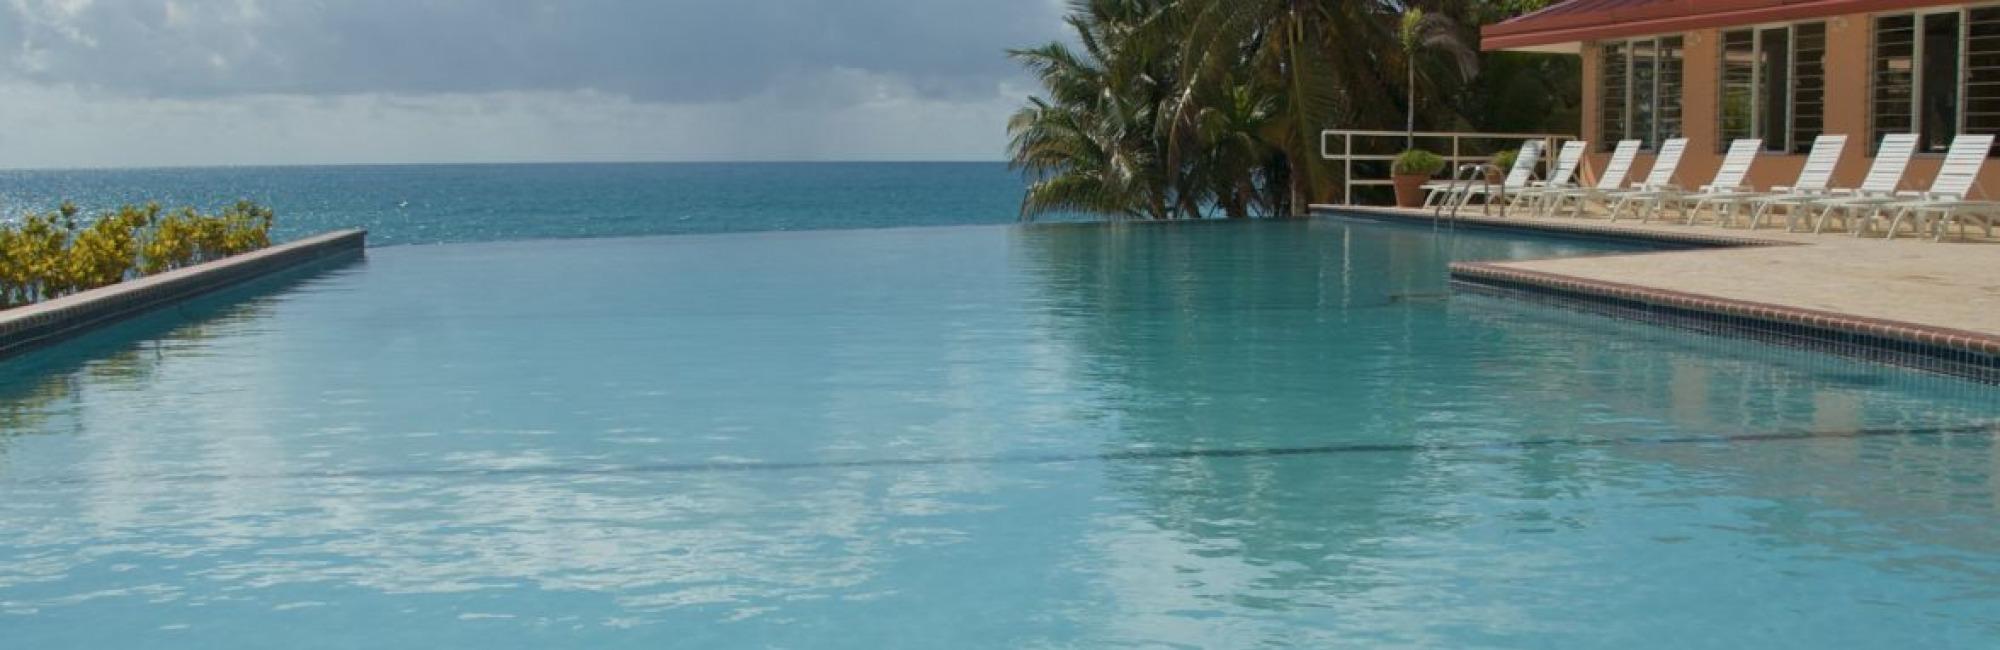 Hoteles todo incluido en puerto rico disfrute de vacaciones con todo incluido en puerto rico - Hoteles en puerto rico todo incluido ...